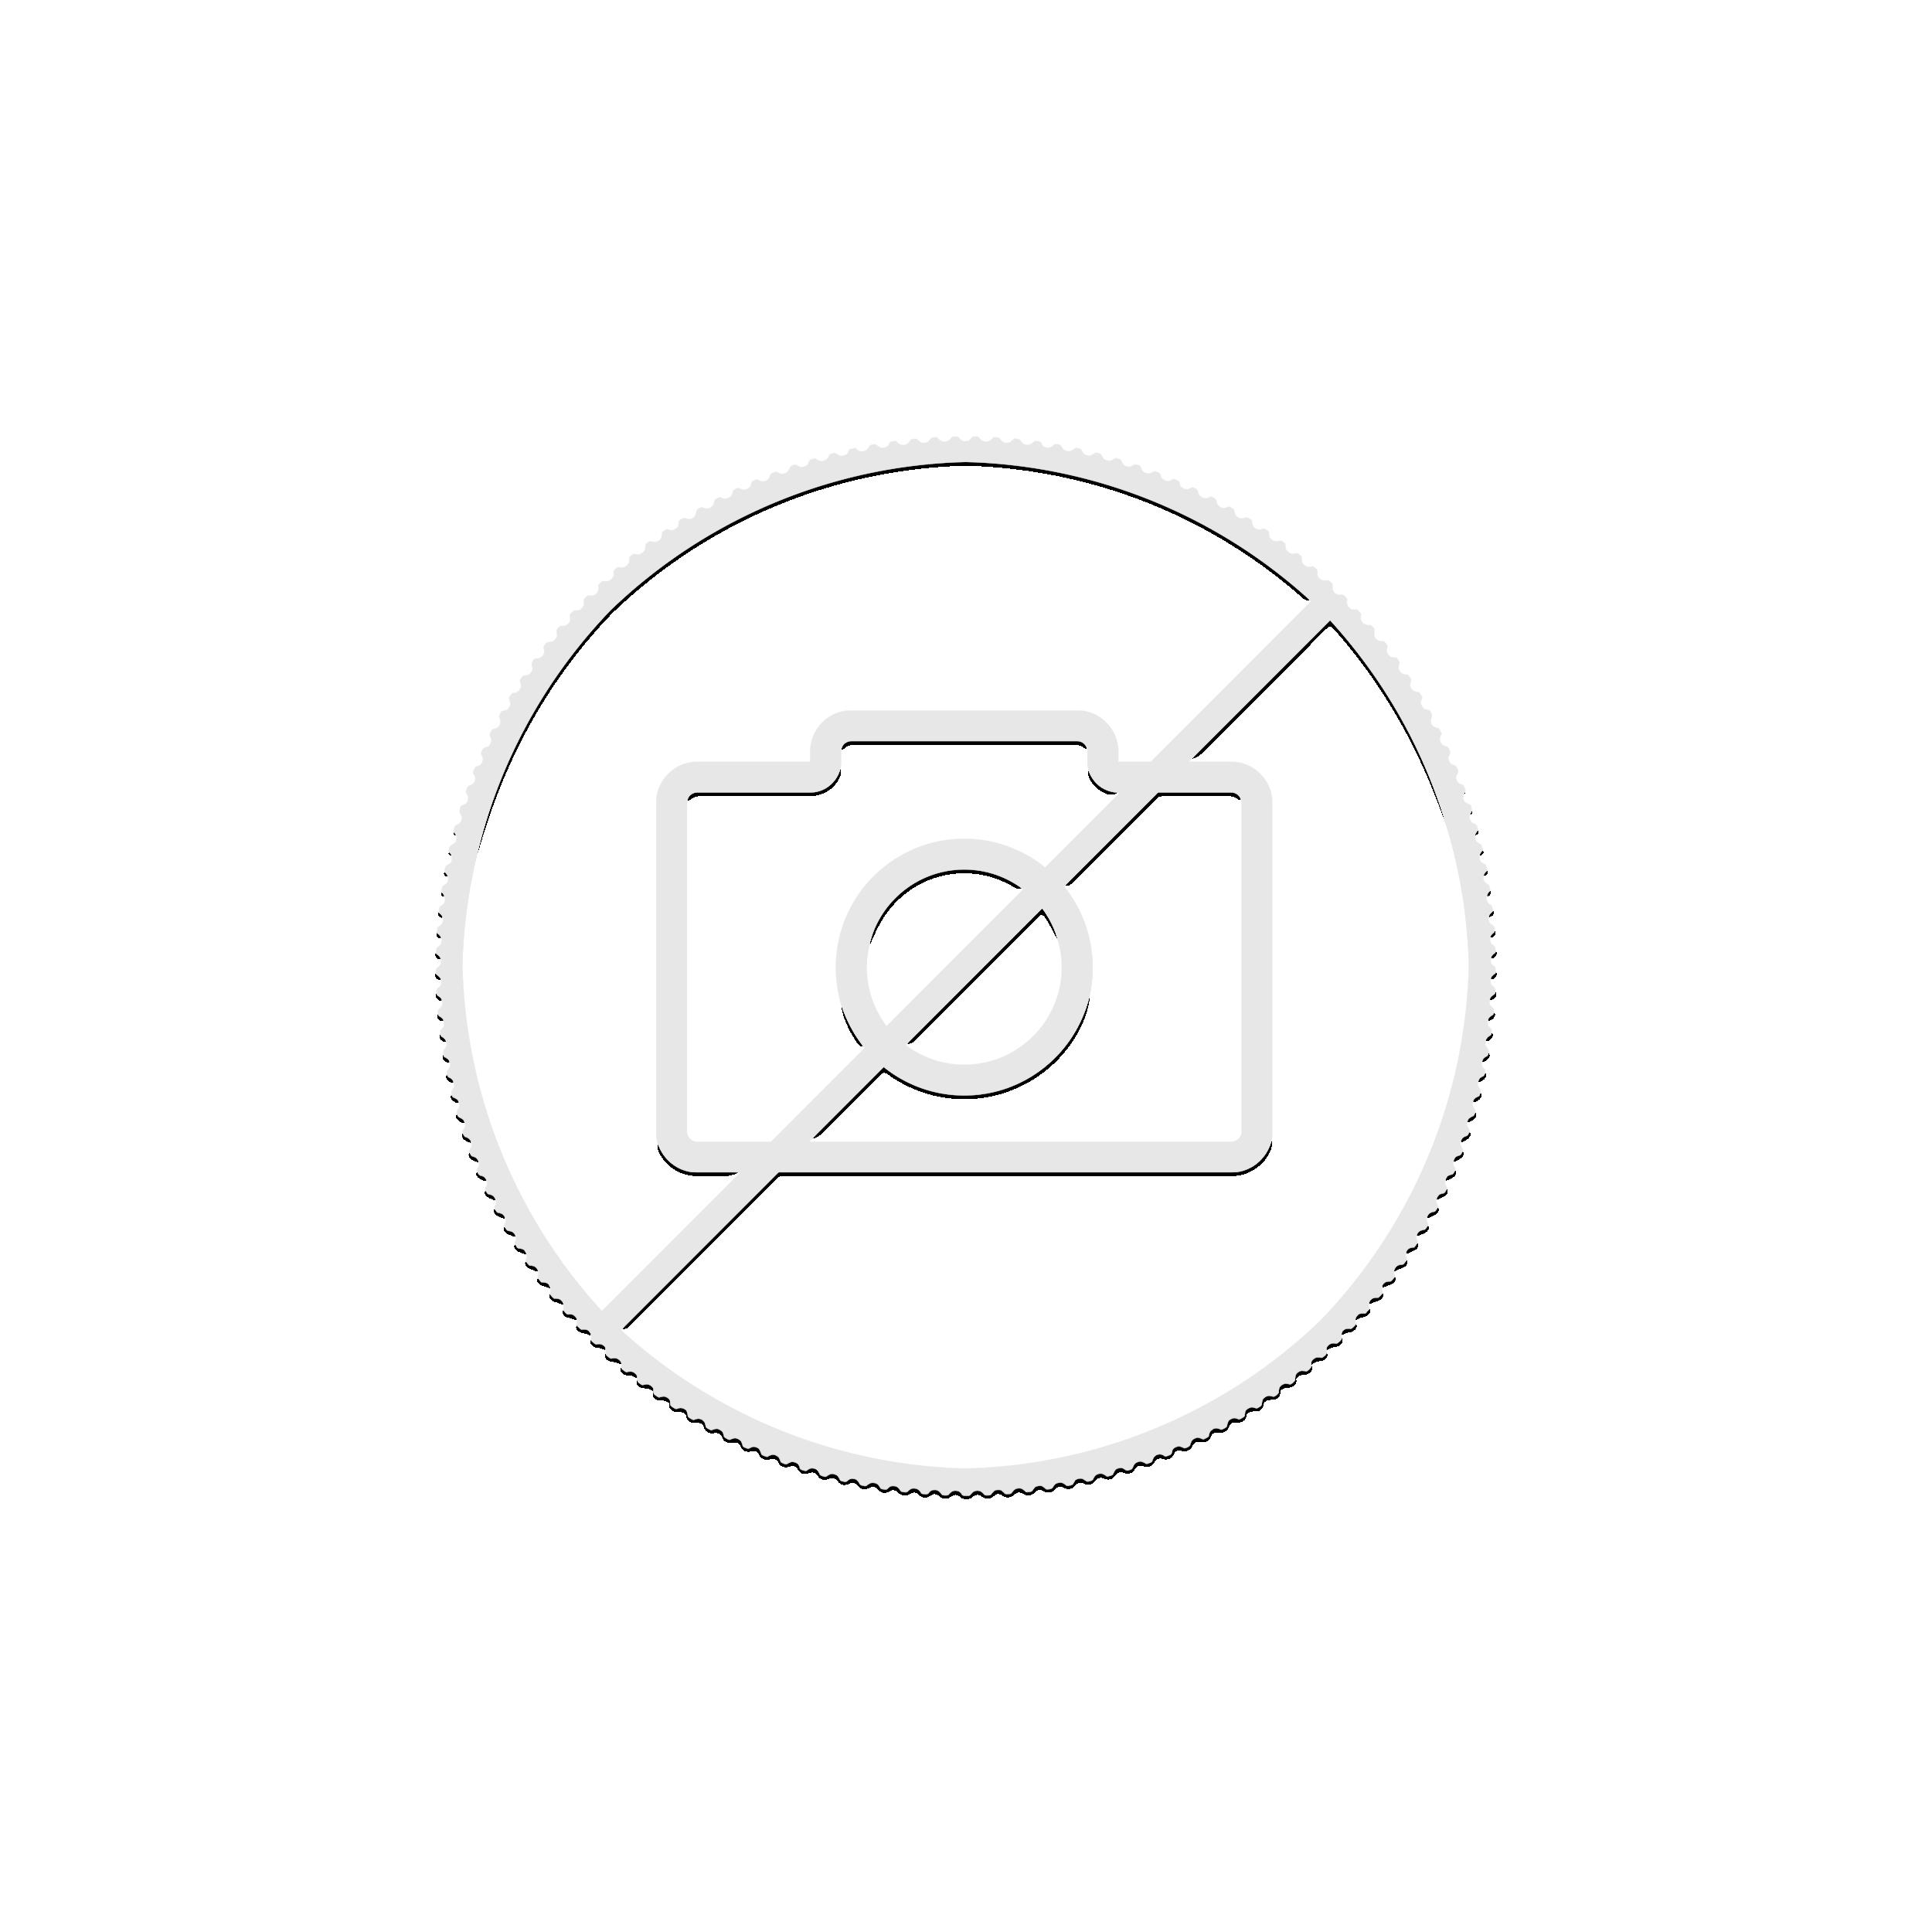 muntcapsule 33 mm Intercept